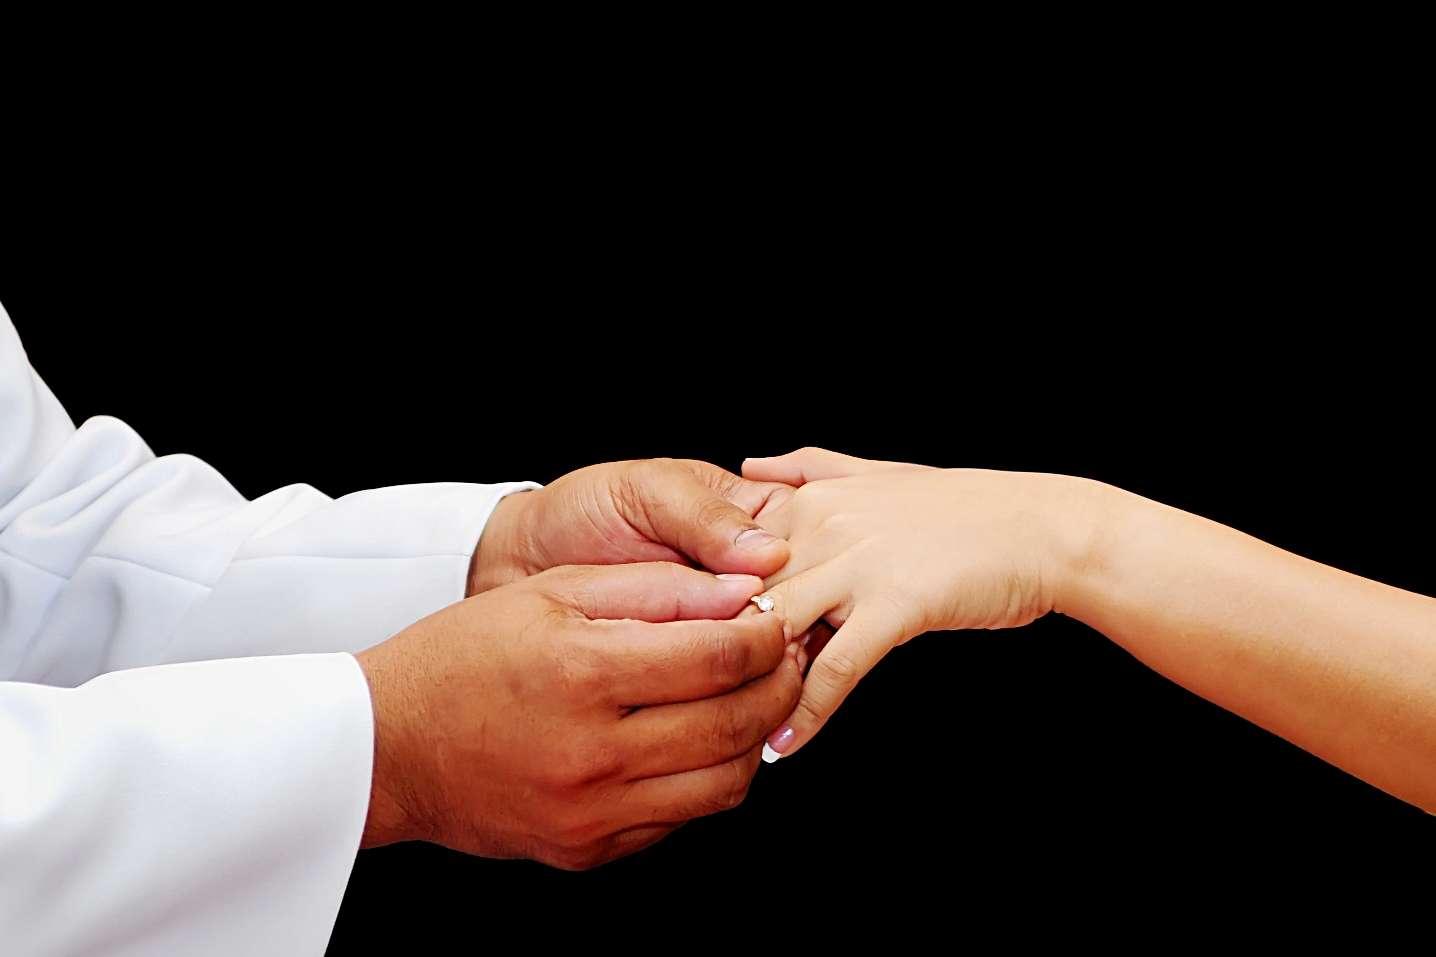 Passer la bague au doigt une bonne fois pour toutes est l'une des façons de préserver son squelette des dégâts occasionnés par le temps qui passe et qui inéluctablement abîme les os. © Bigjom, www.stockfreeimages.com